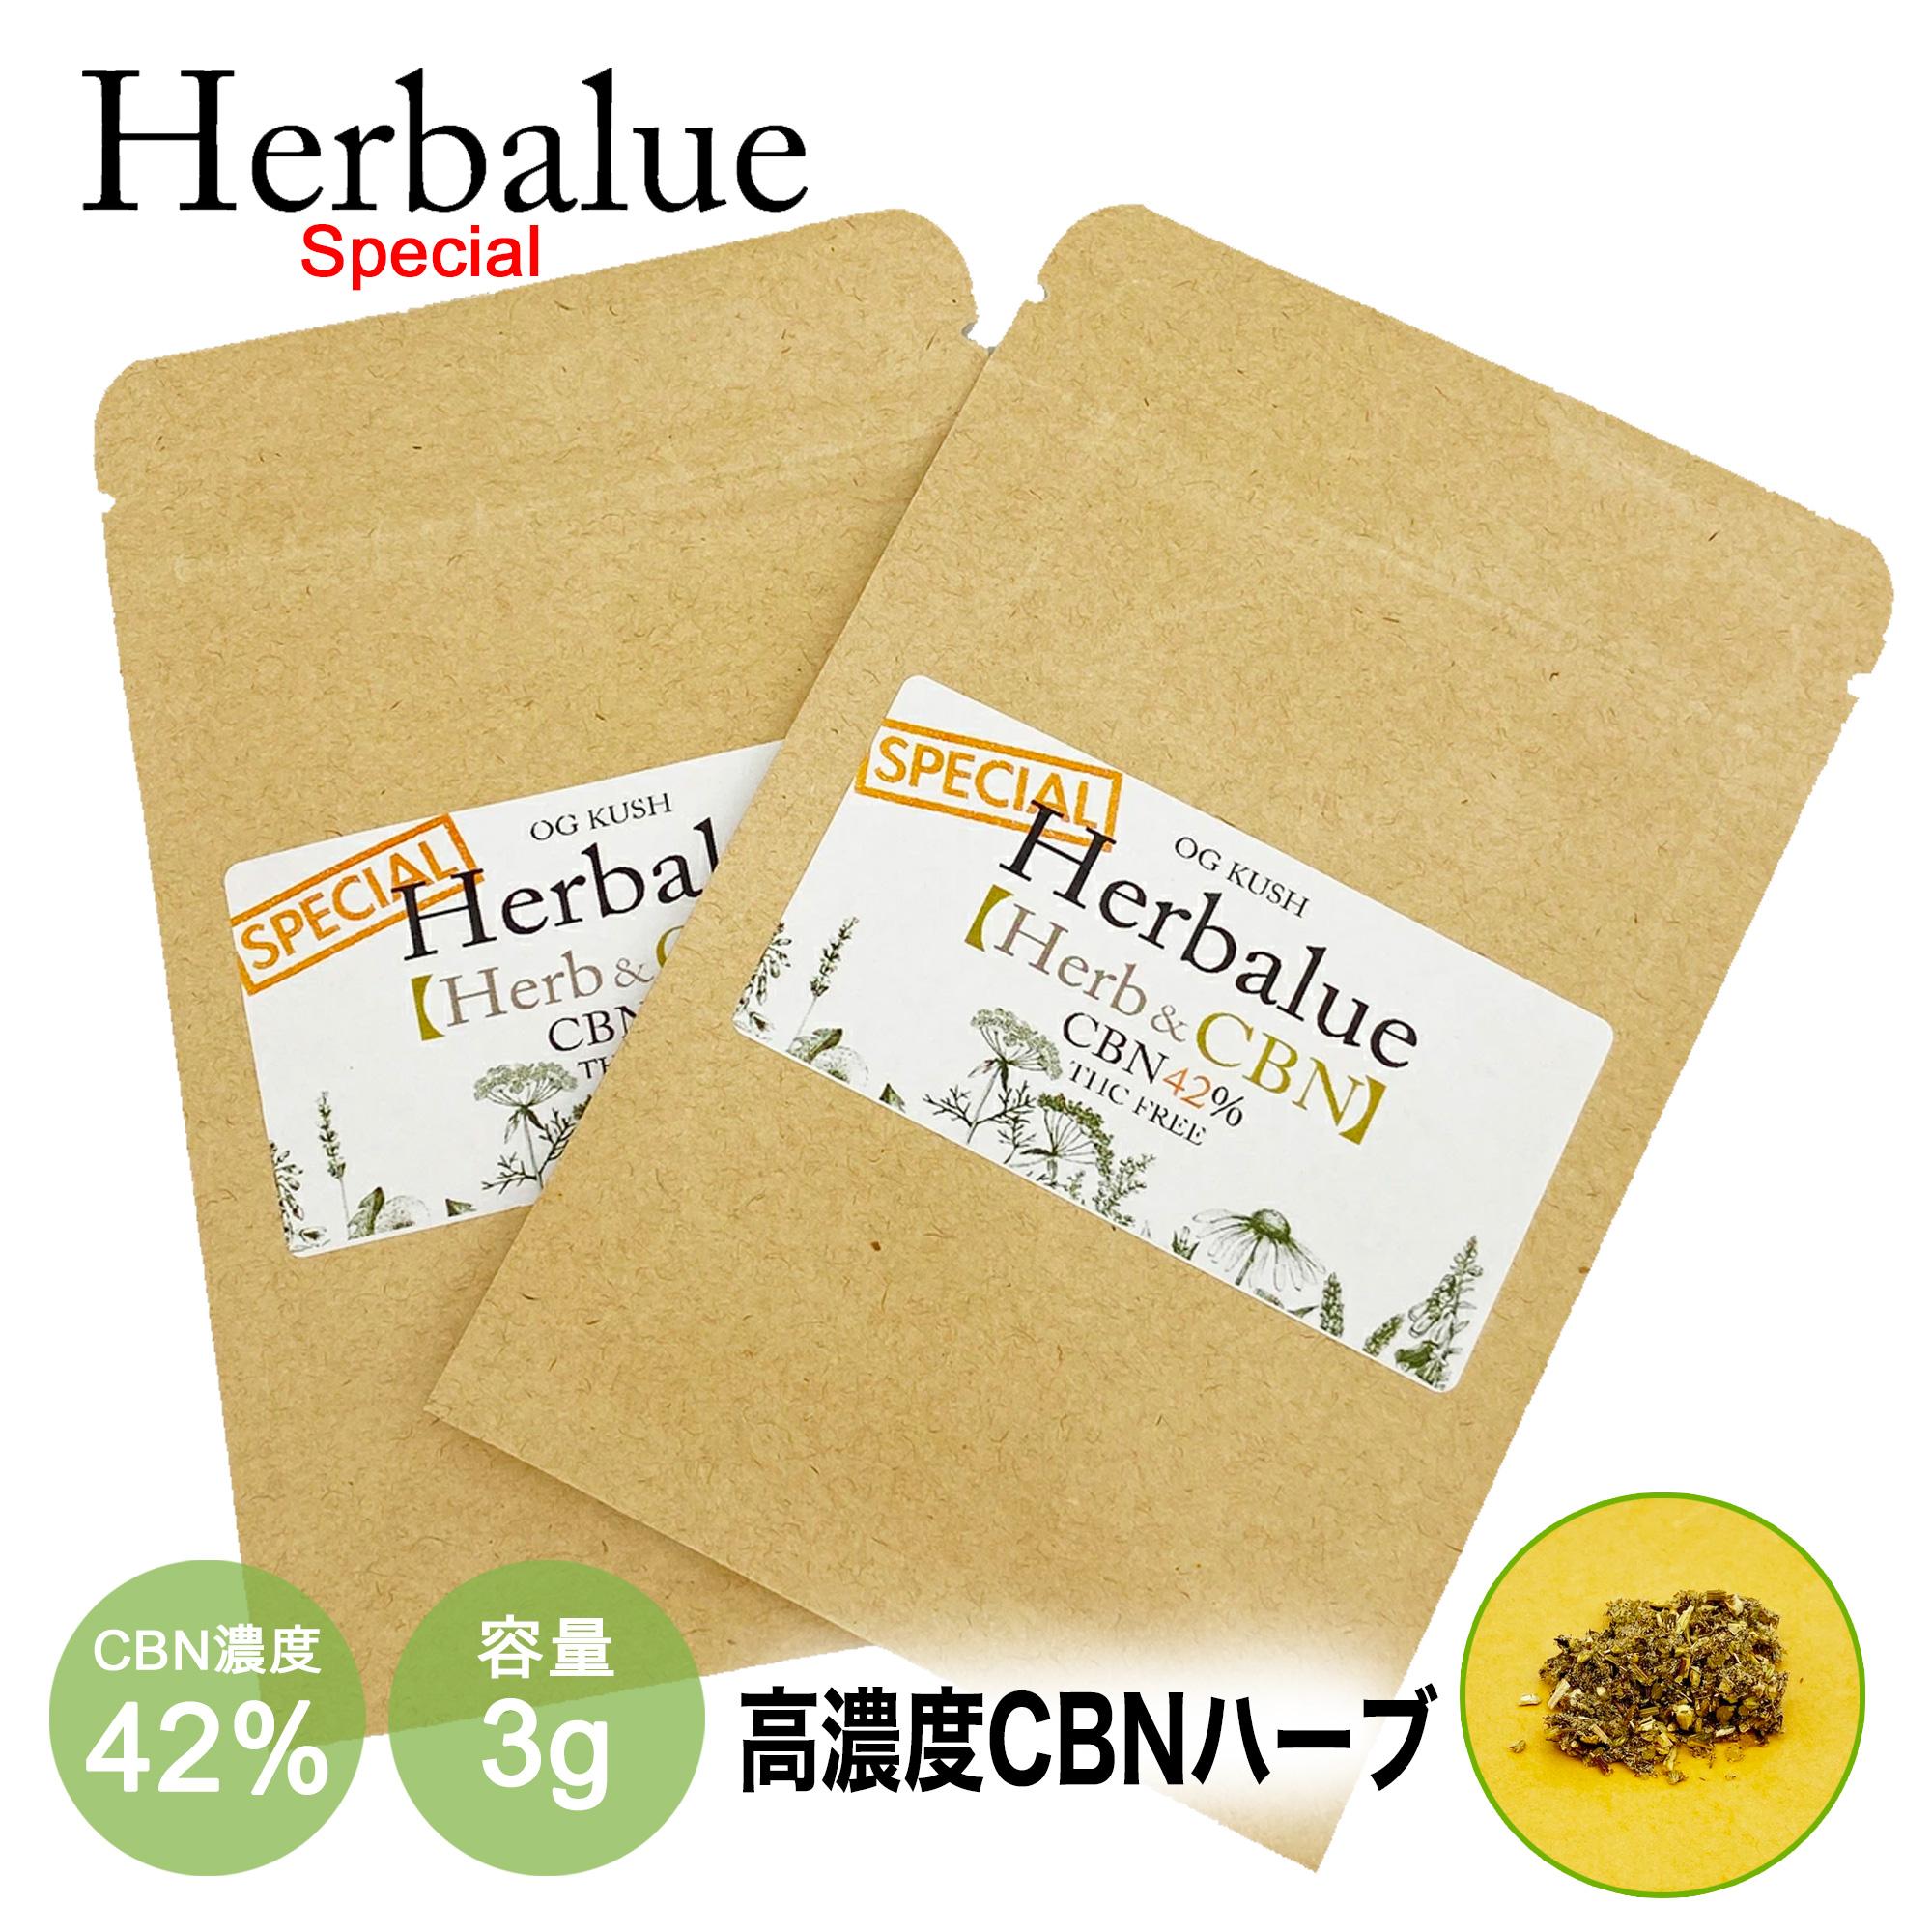 濃度23%→42%に 高濃度で体感を得やすい 話題のCBNハーブ 濃度42% 原料は有機マグワート よもぎ 好評 とペパーミント もちろんTHCは含まれておりません 濃度 42% CBN ハーブ CBNハーブ 高濃度 Special Herbalue ヘンプ Oil ジョイント ベポライザー リラックス CBNワックス HEMP 10%OFF Wax スペシャルハーバリュー 3g Herb 癒し 電子タバコ CBNパウダー Powder